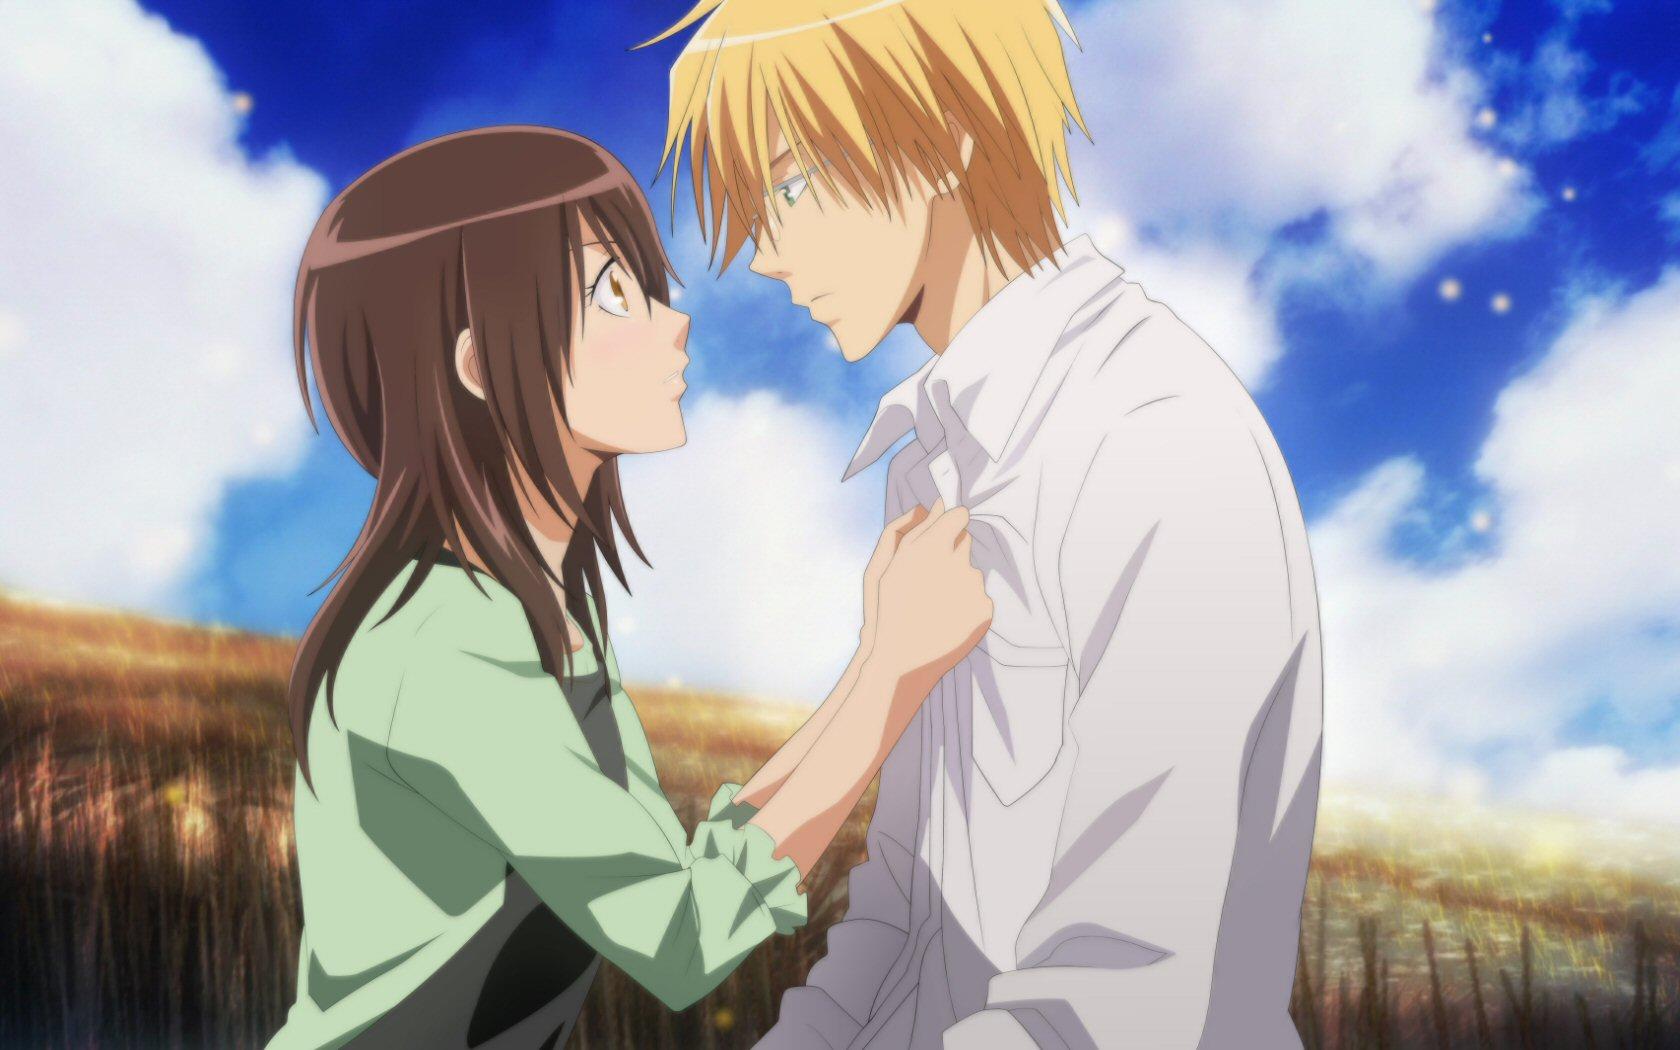 Картинки надписи про любовь картинки в аниме